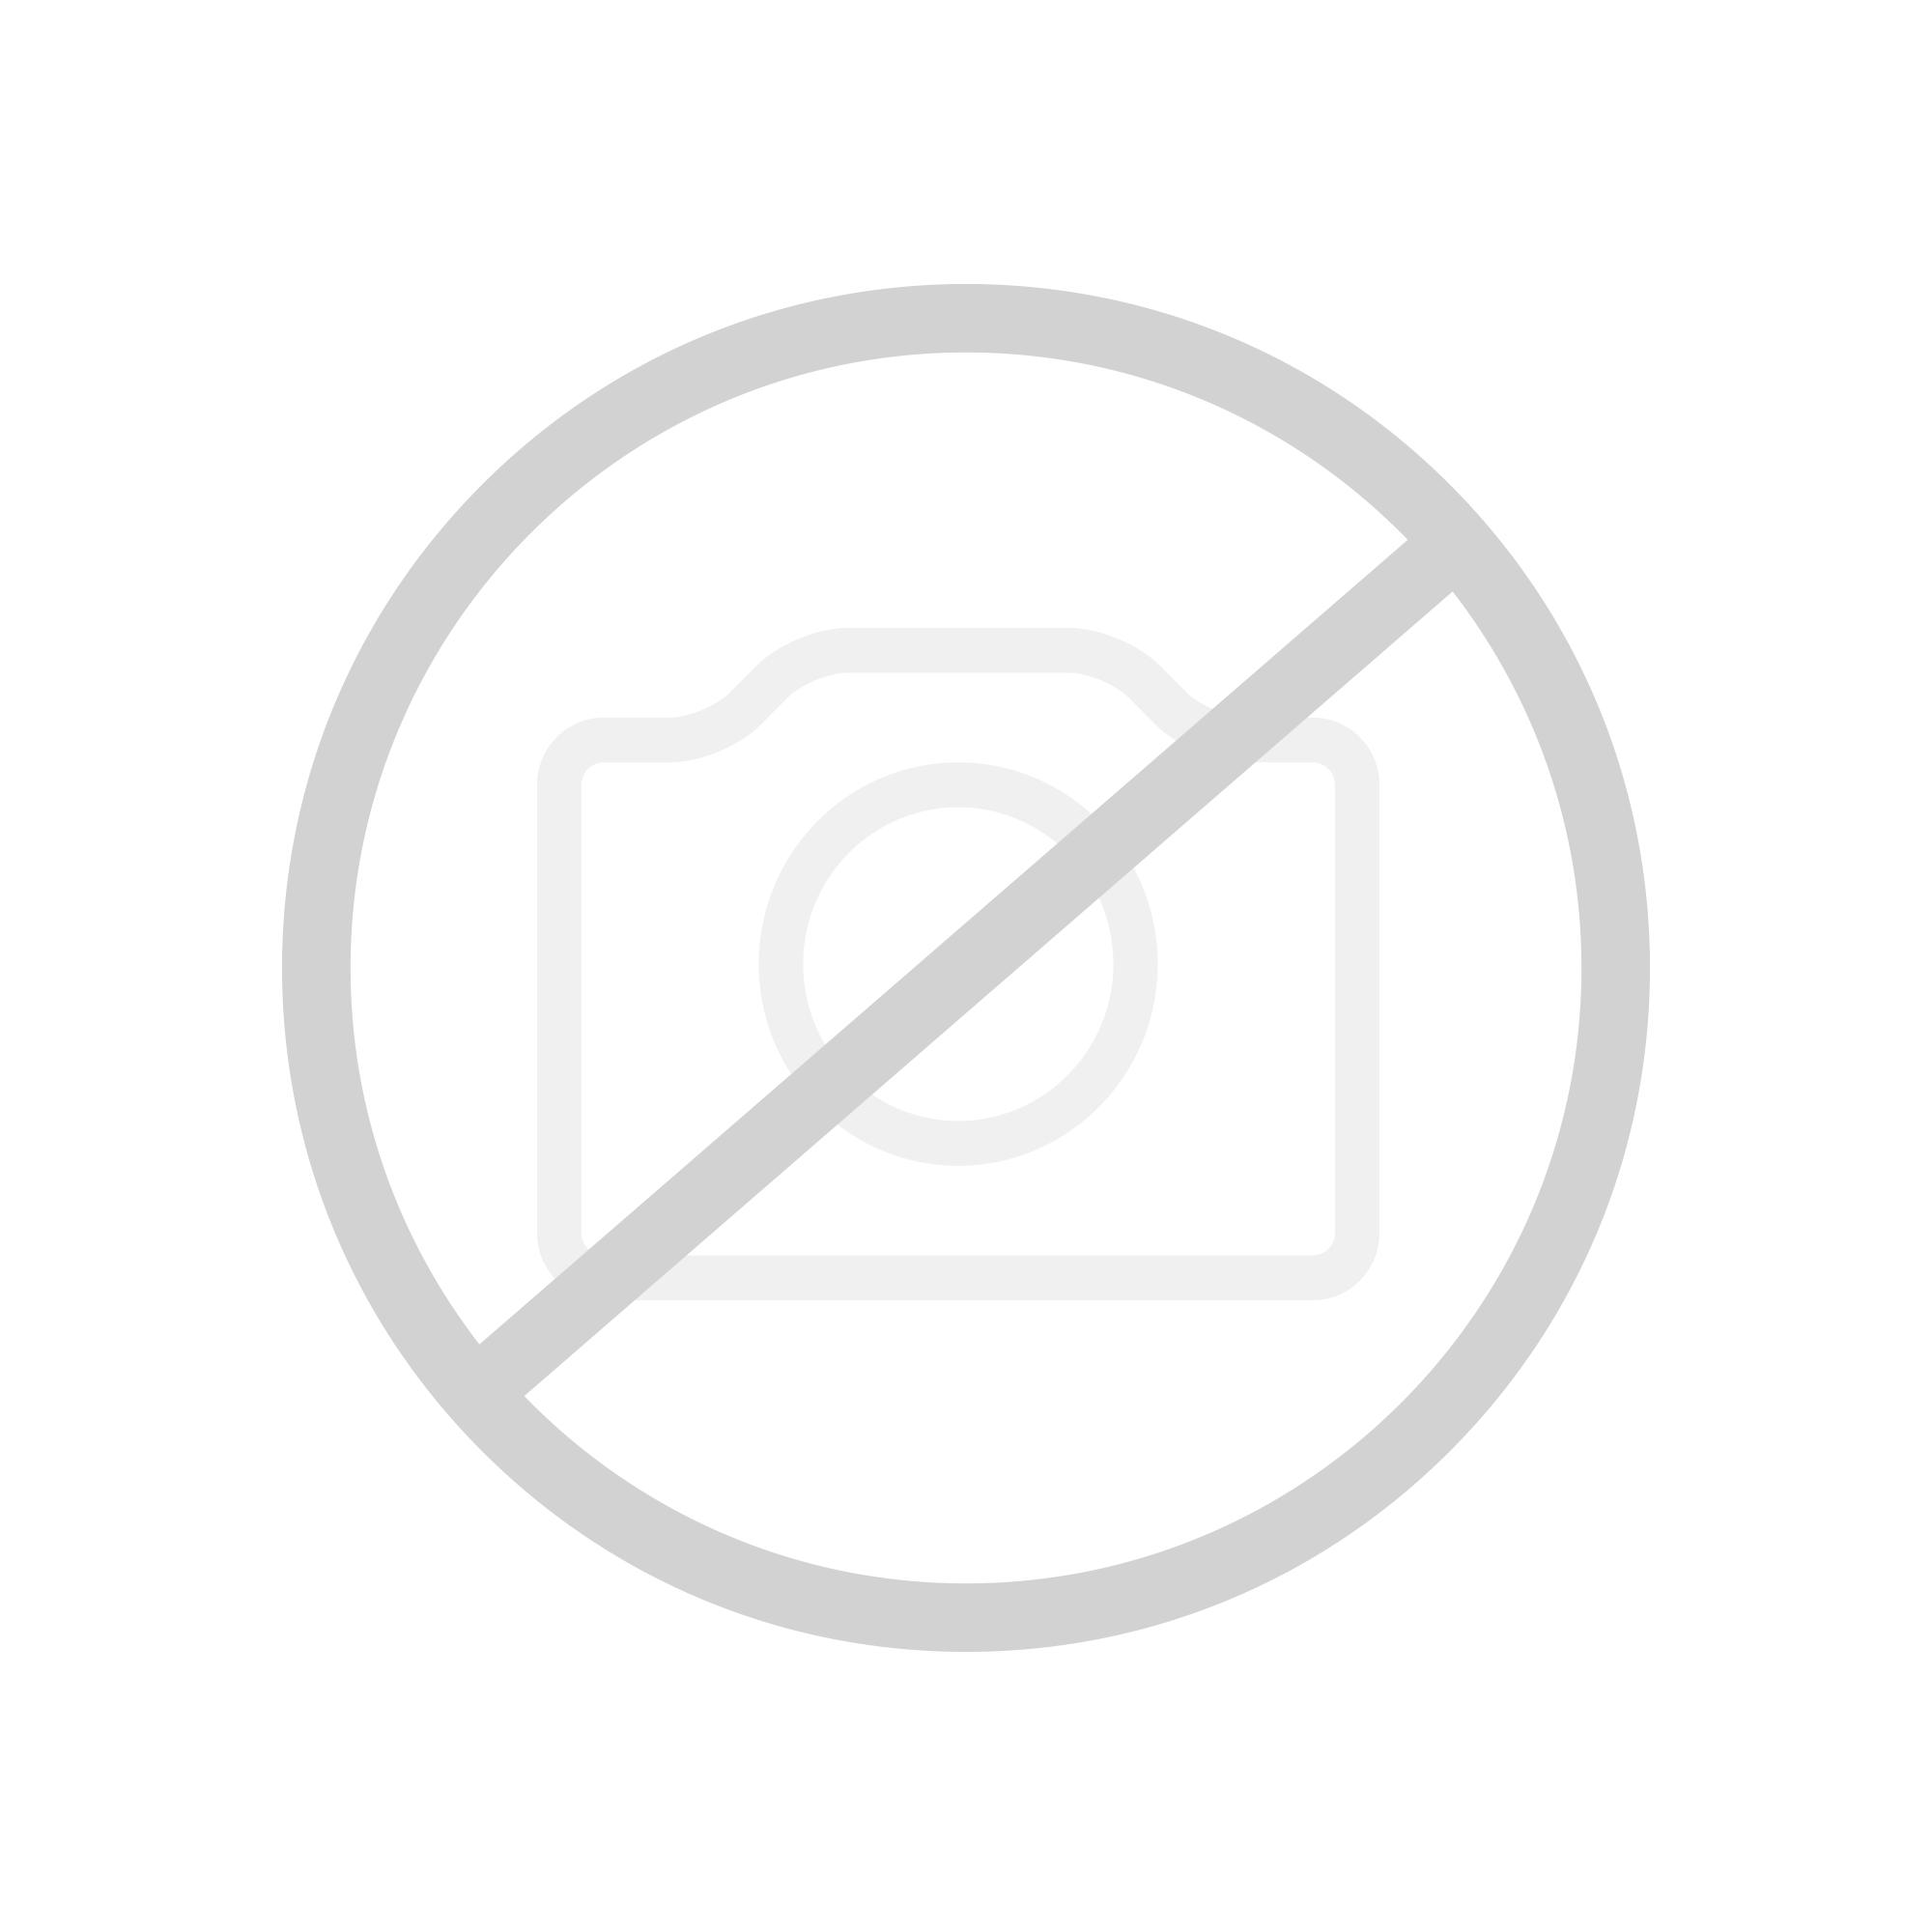 Geberit Teleskopständer für Installationswände im Trockenbau, Höhe: 260 - 320 cm